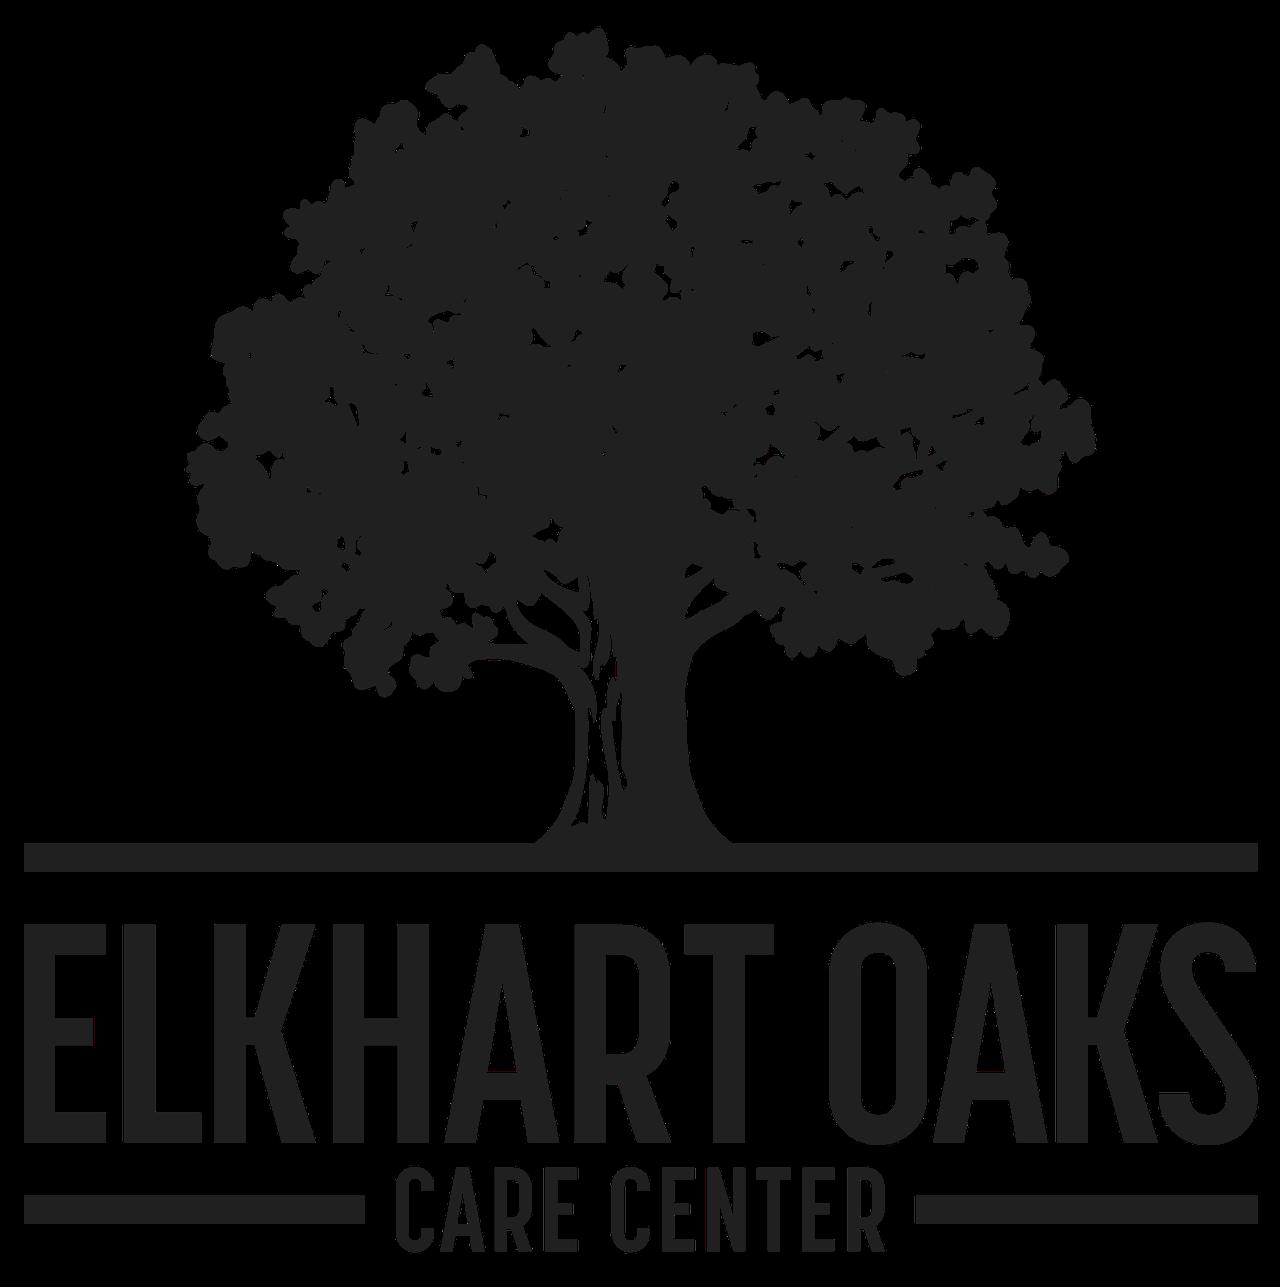 elkhart oaks logo bw.png